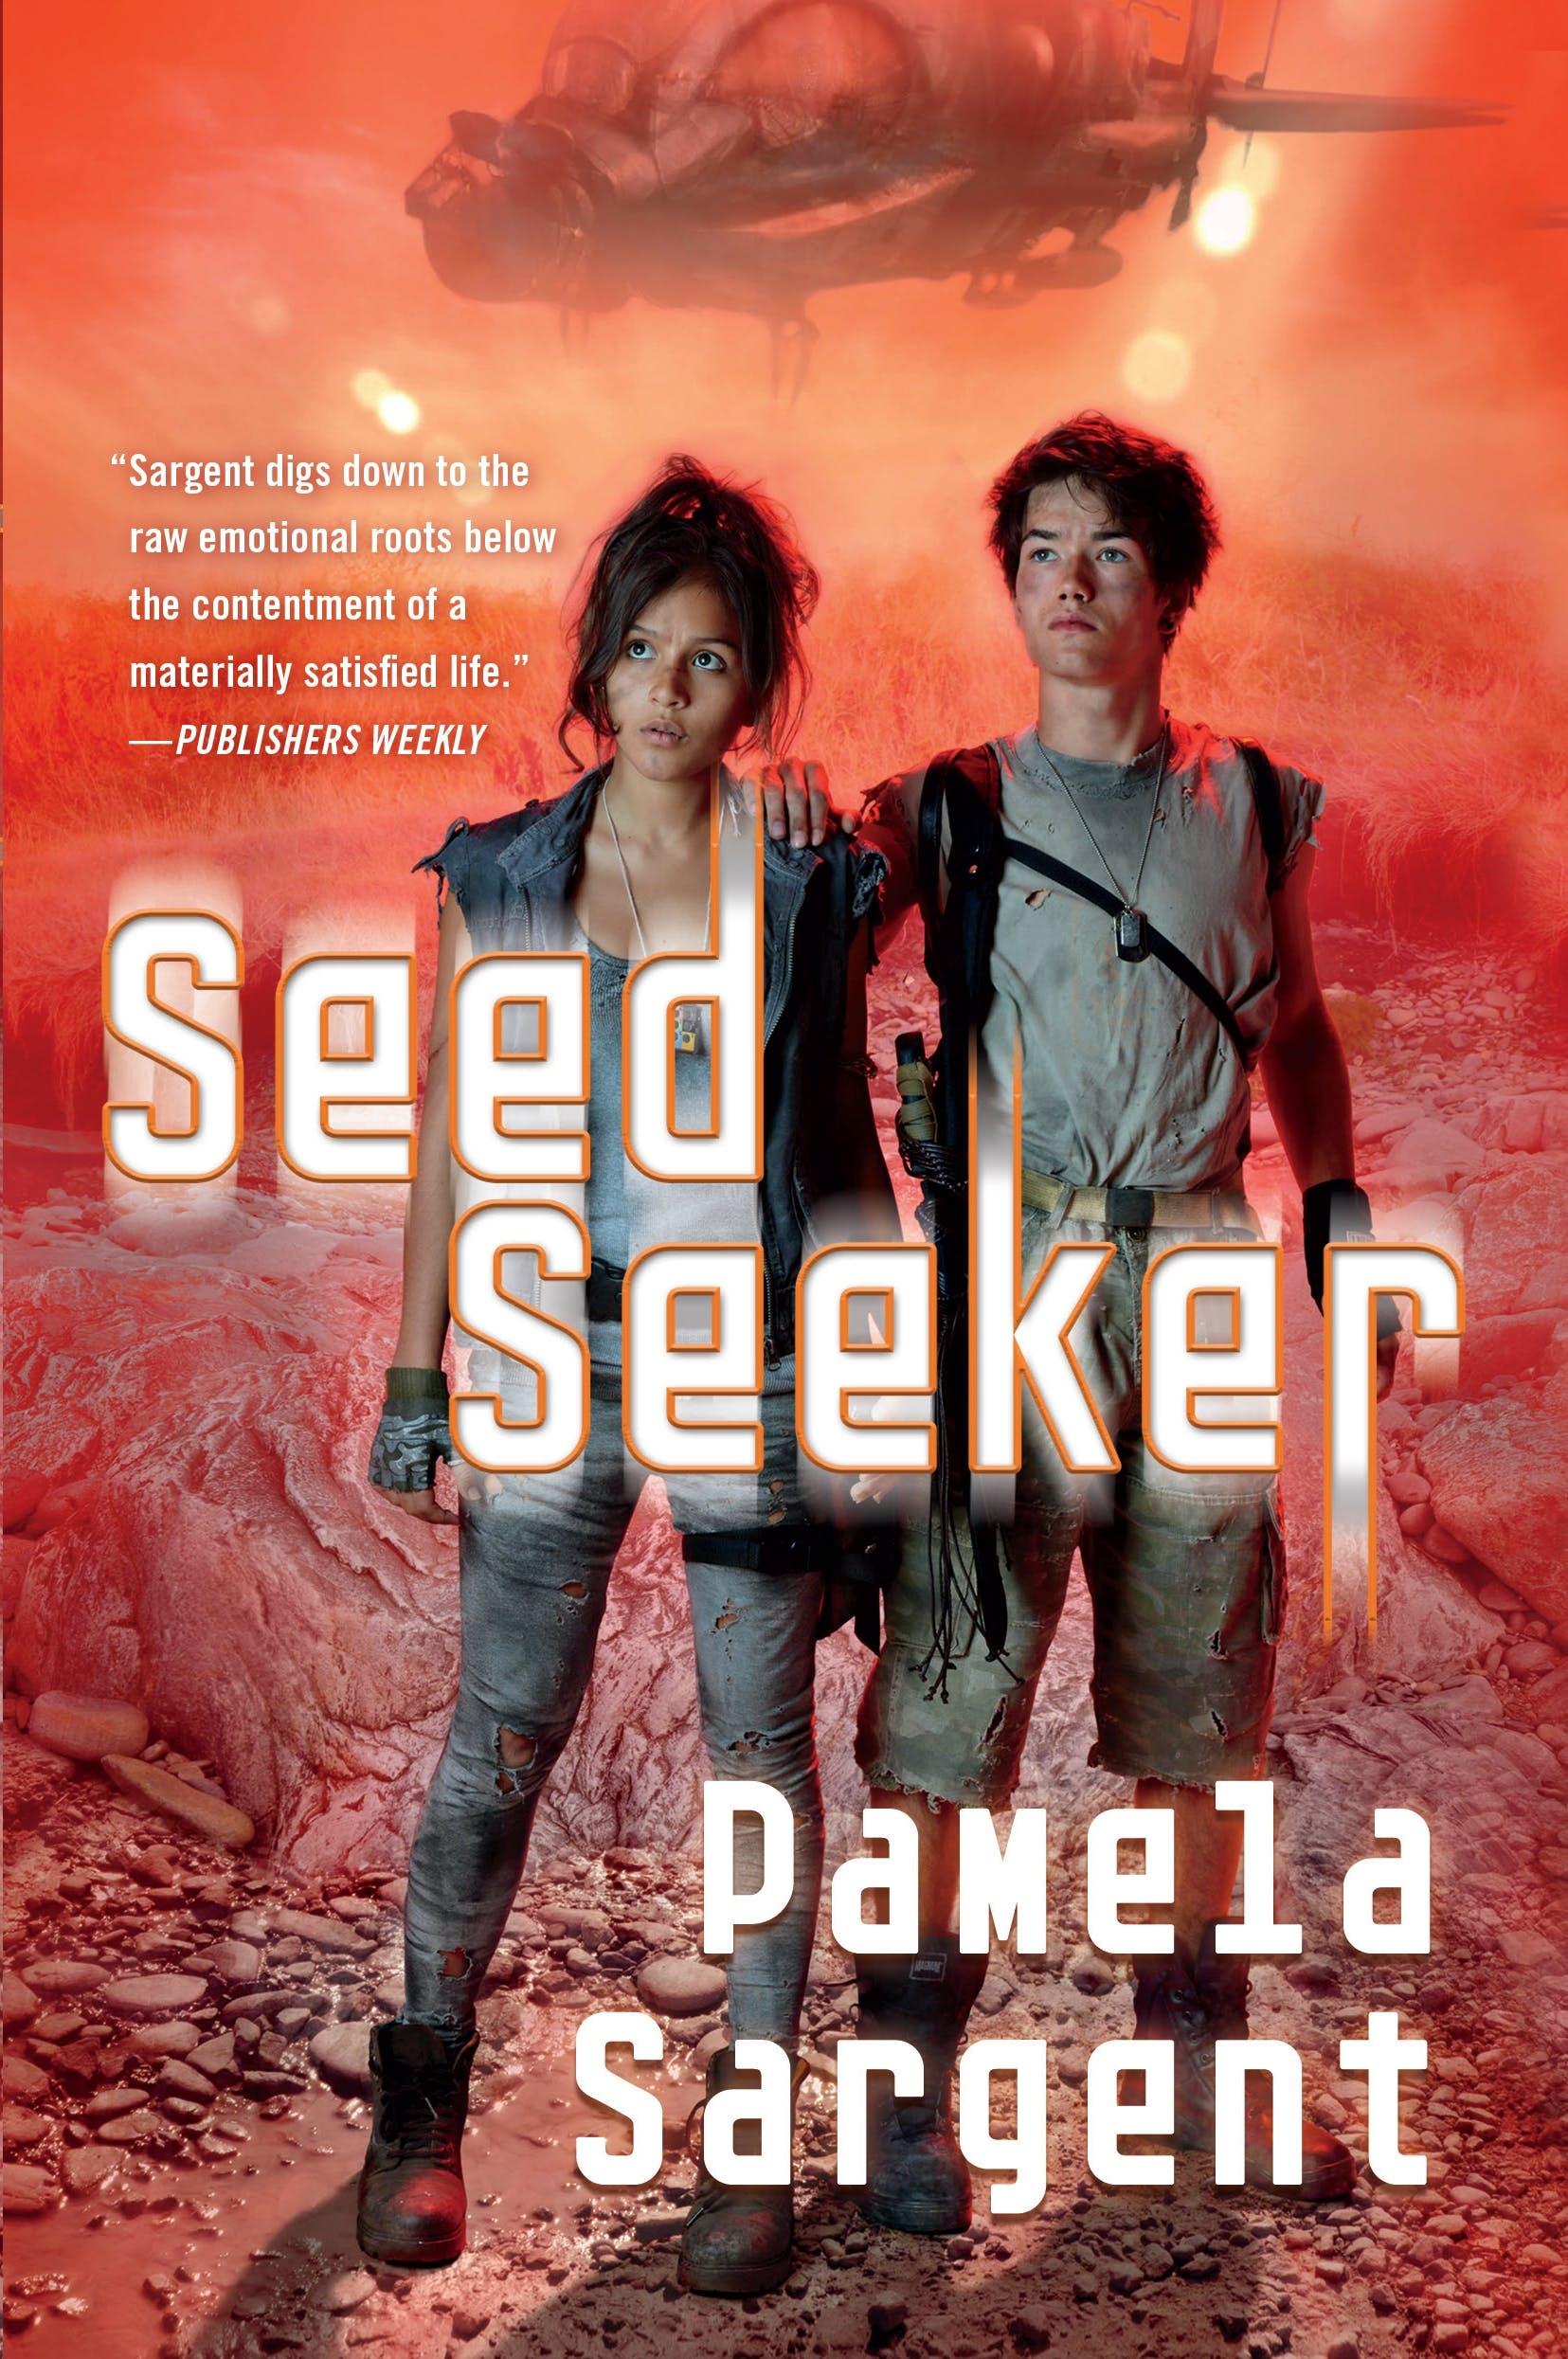 Image of Seed Seeker